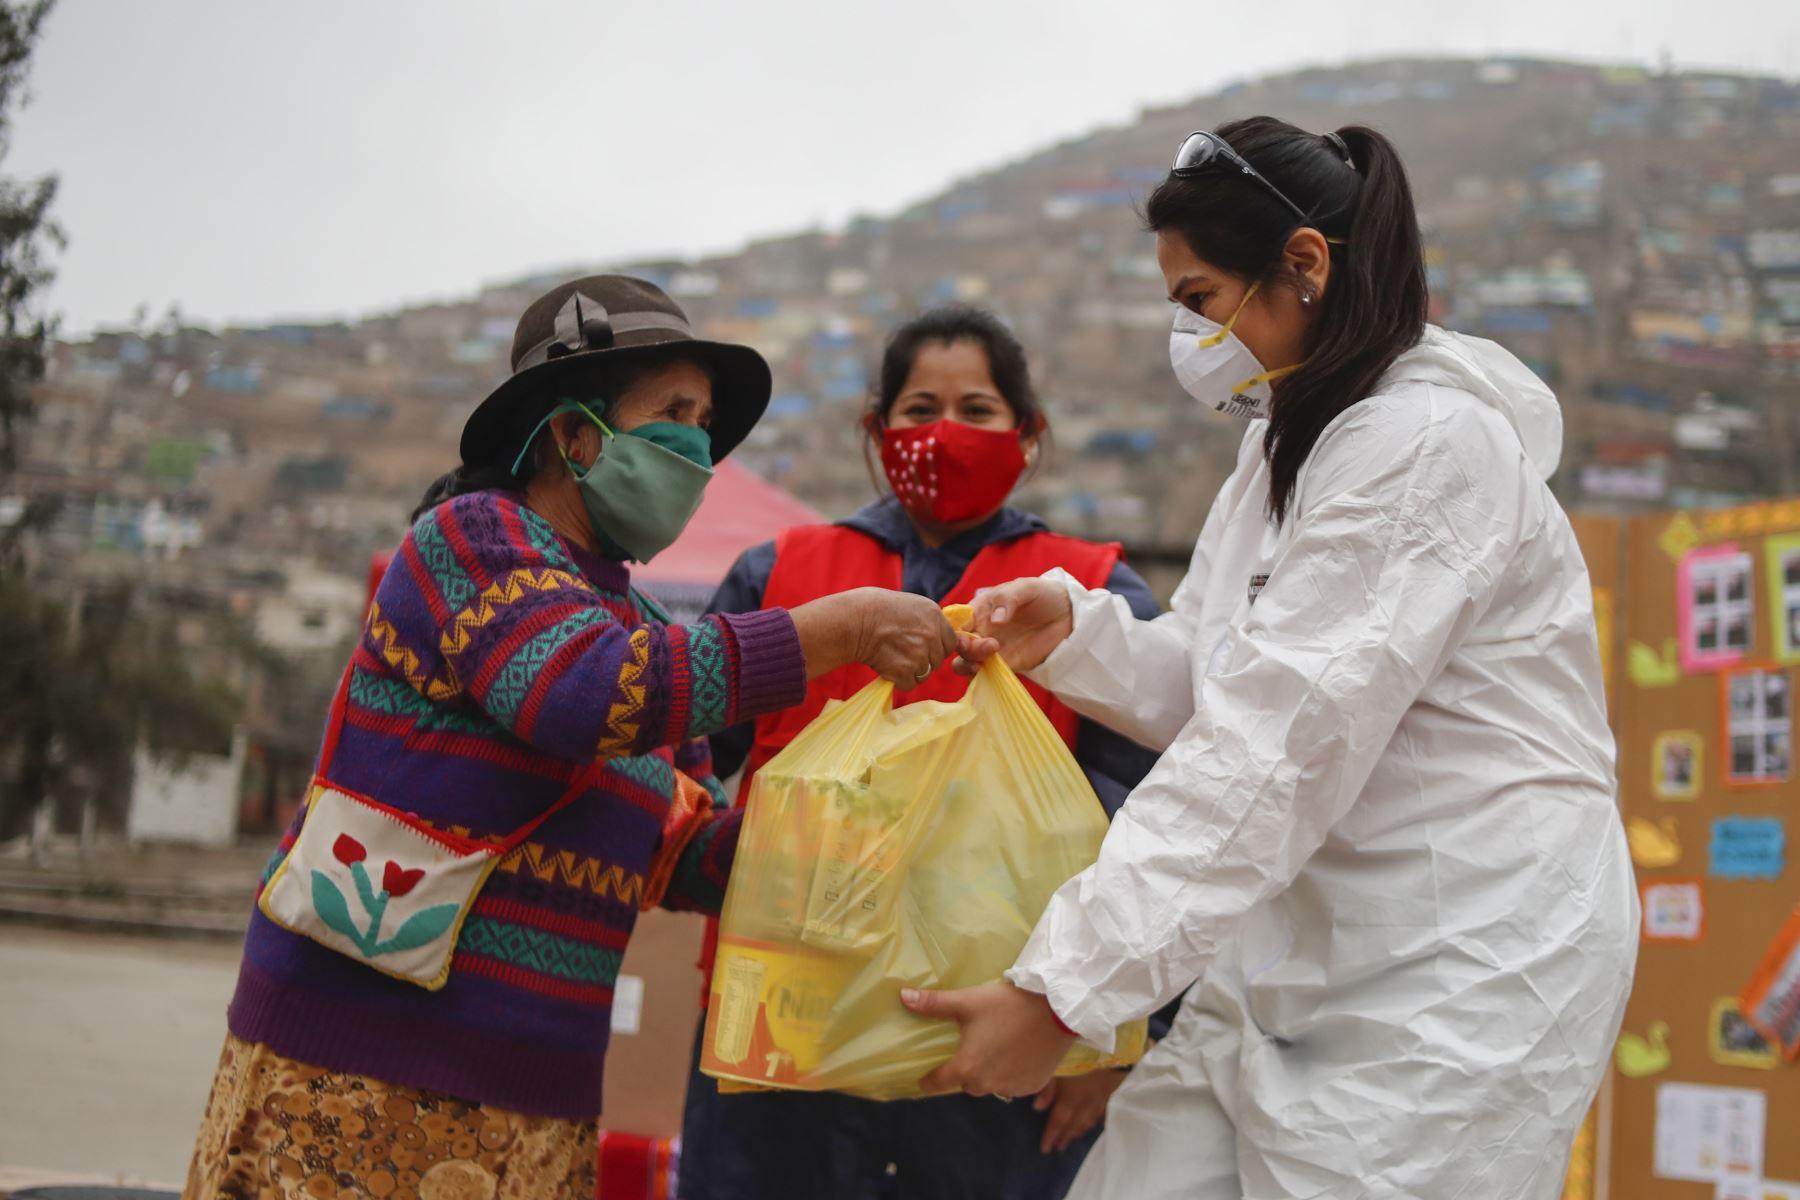 Los productos entregados fueron gestionados por el Despacho de la Primera Dama de la Nación, con el apoyo de diversas instituciones y empresas privadas. Foto: ANDINA/Renato Pajuelo